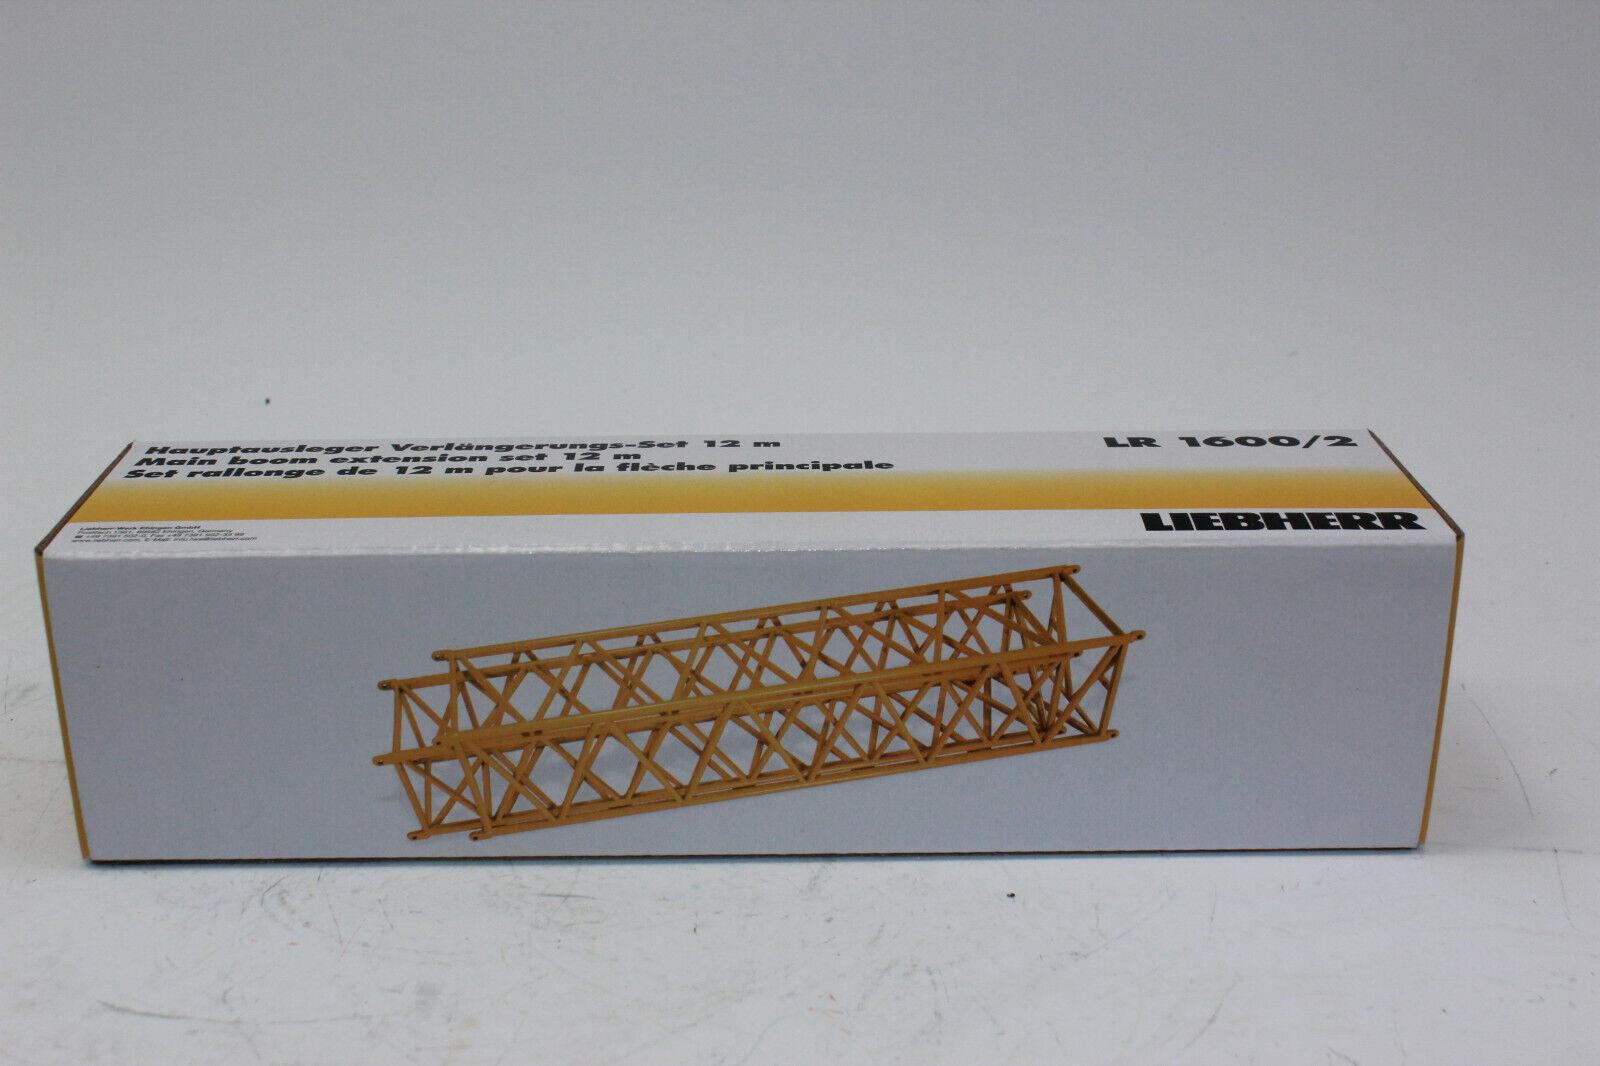 online al mejor precio Nzg 843 30 Liebherr Liebherr Liebherr LR 1600 2x 12m Mástil de Celosía Extensión 1 50 Nuevo con  oferta especial